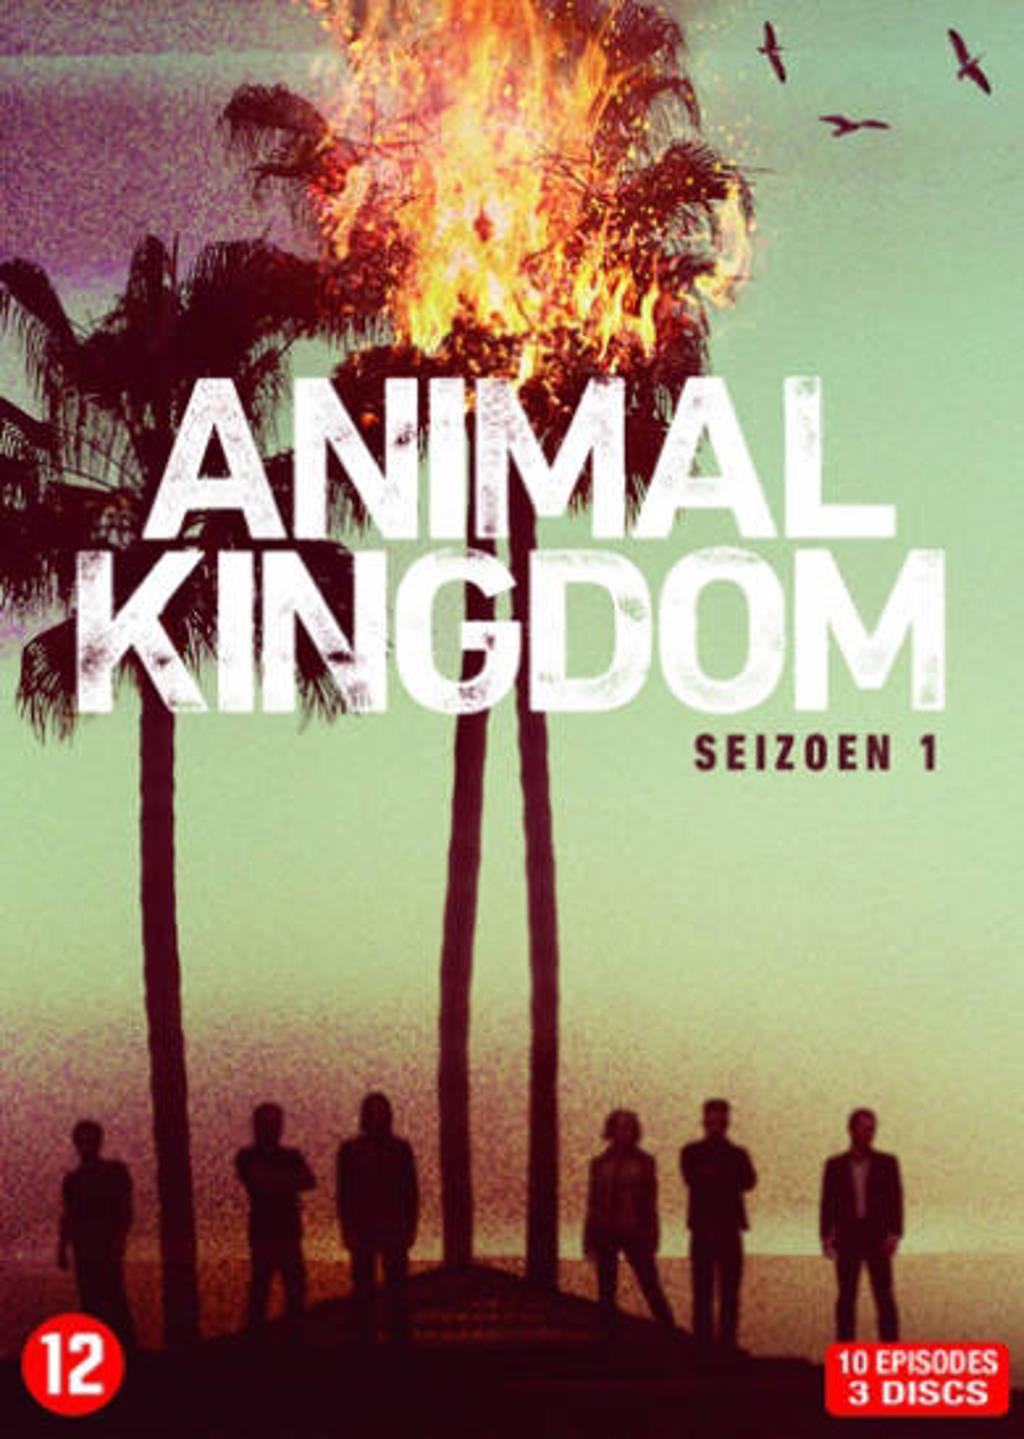 Animal kingdom - Seizoen 1 (DVD)